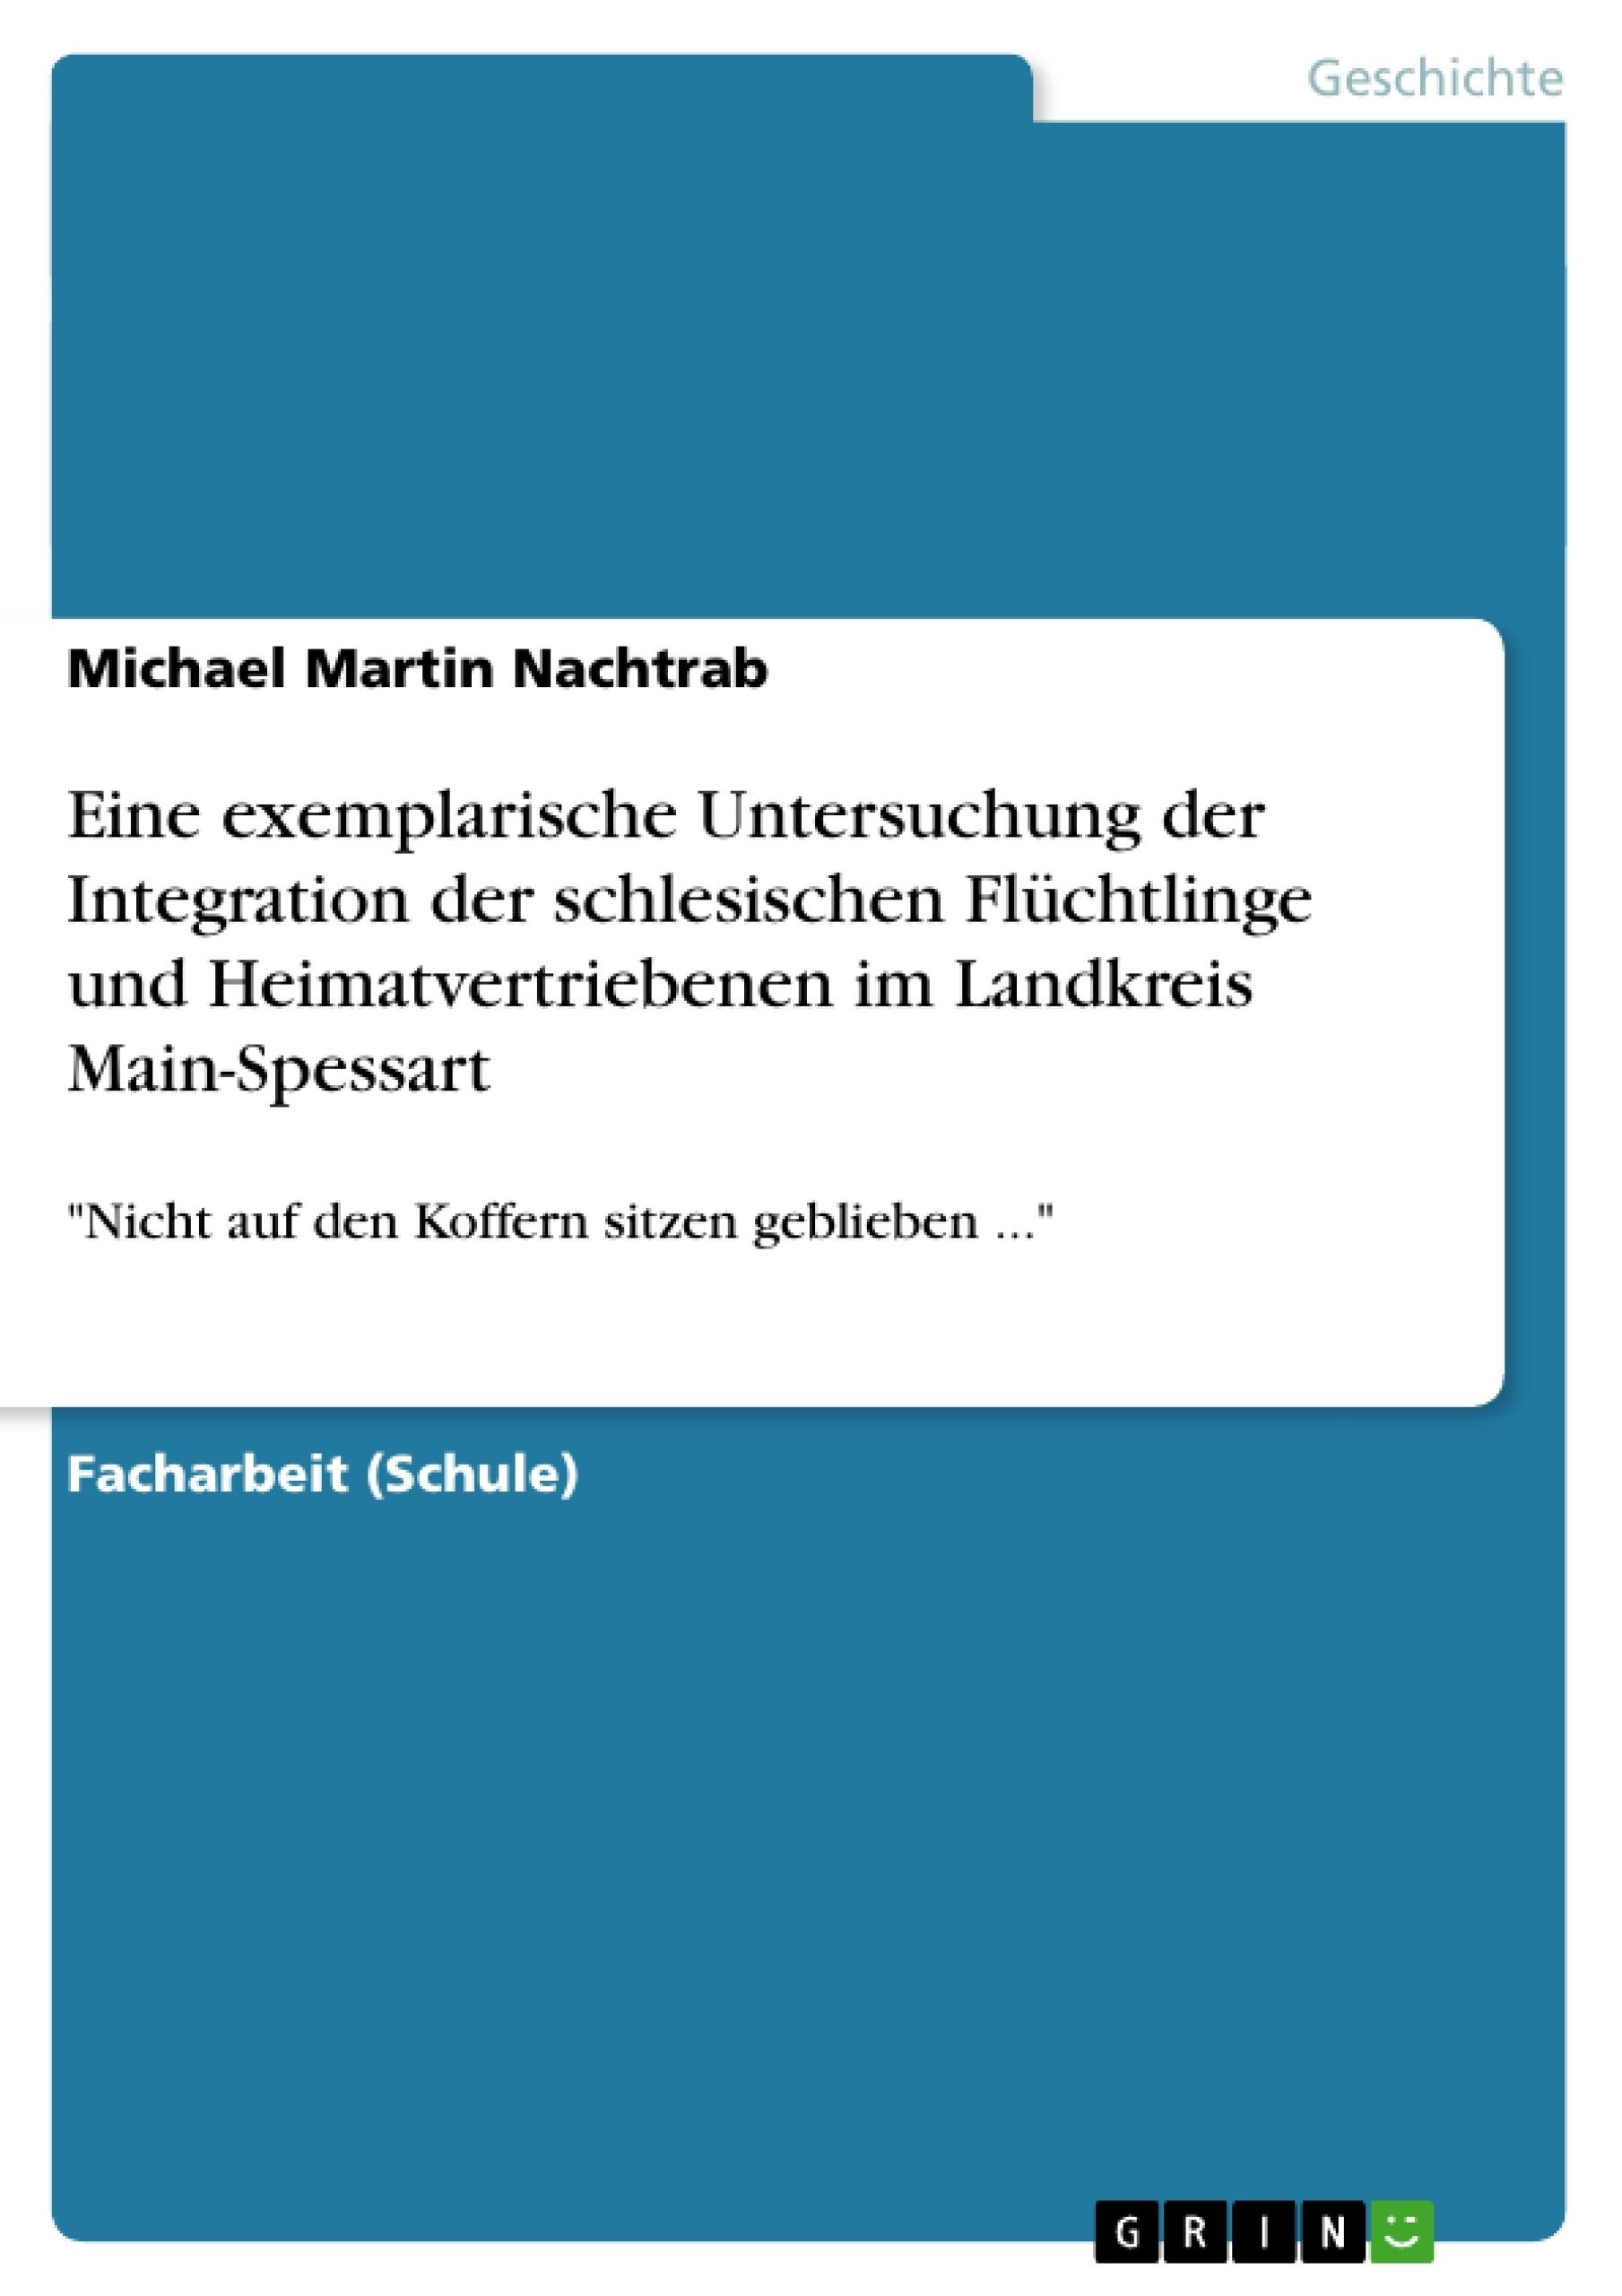 Titel: Eine exemplarische Untersuchung der Integration der schlesischen Flüchtlinge und Heimatvertriebenen im Landkreis Main-Spessart